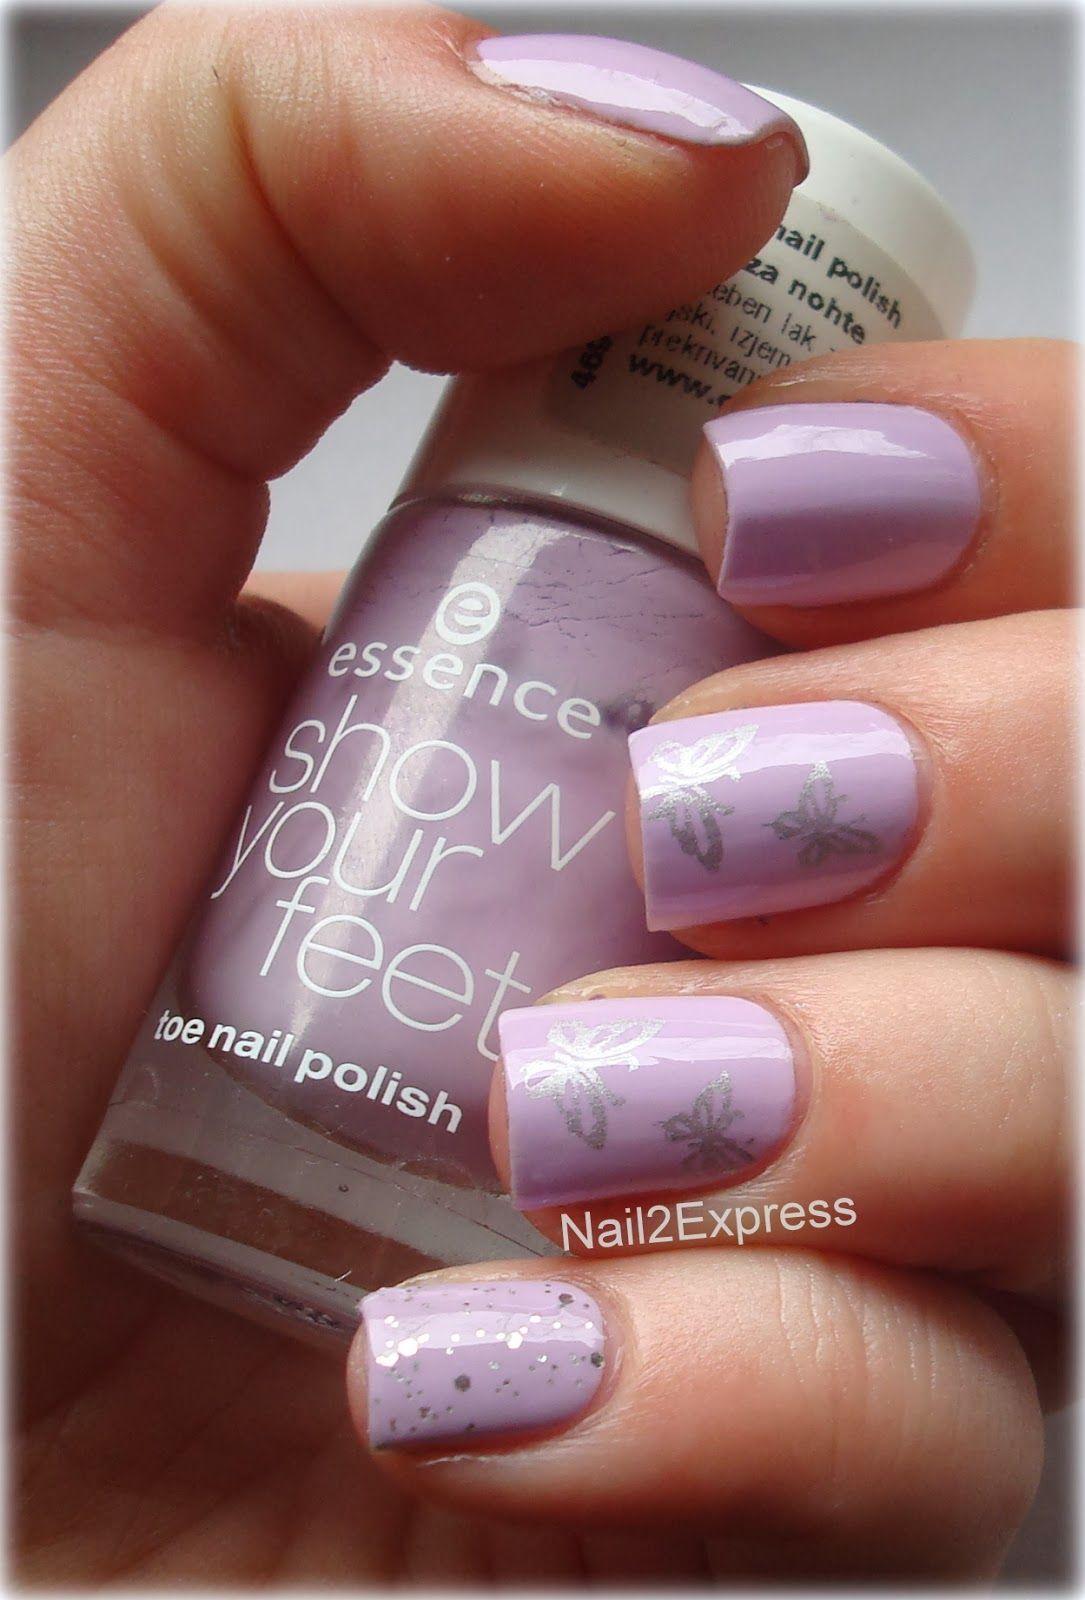 Nail 2 Express #nail #nails #nailart | Nails | Pinterest | Express ...